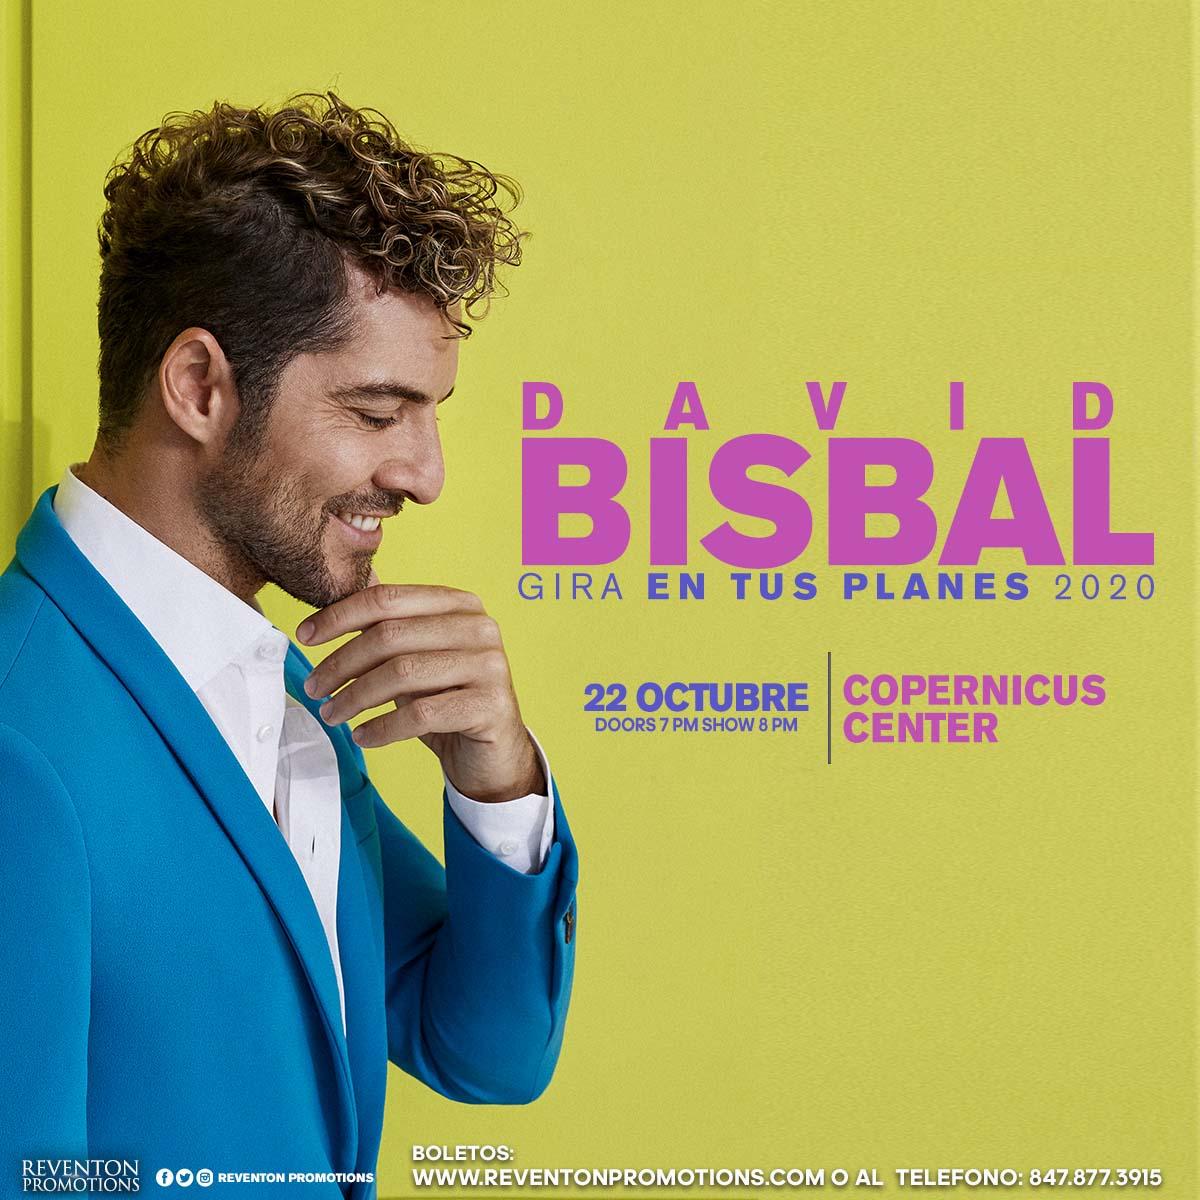 David Bisbal en Concierto en Chicago